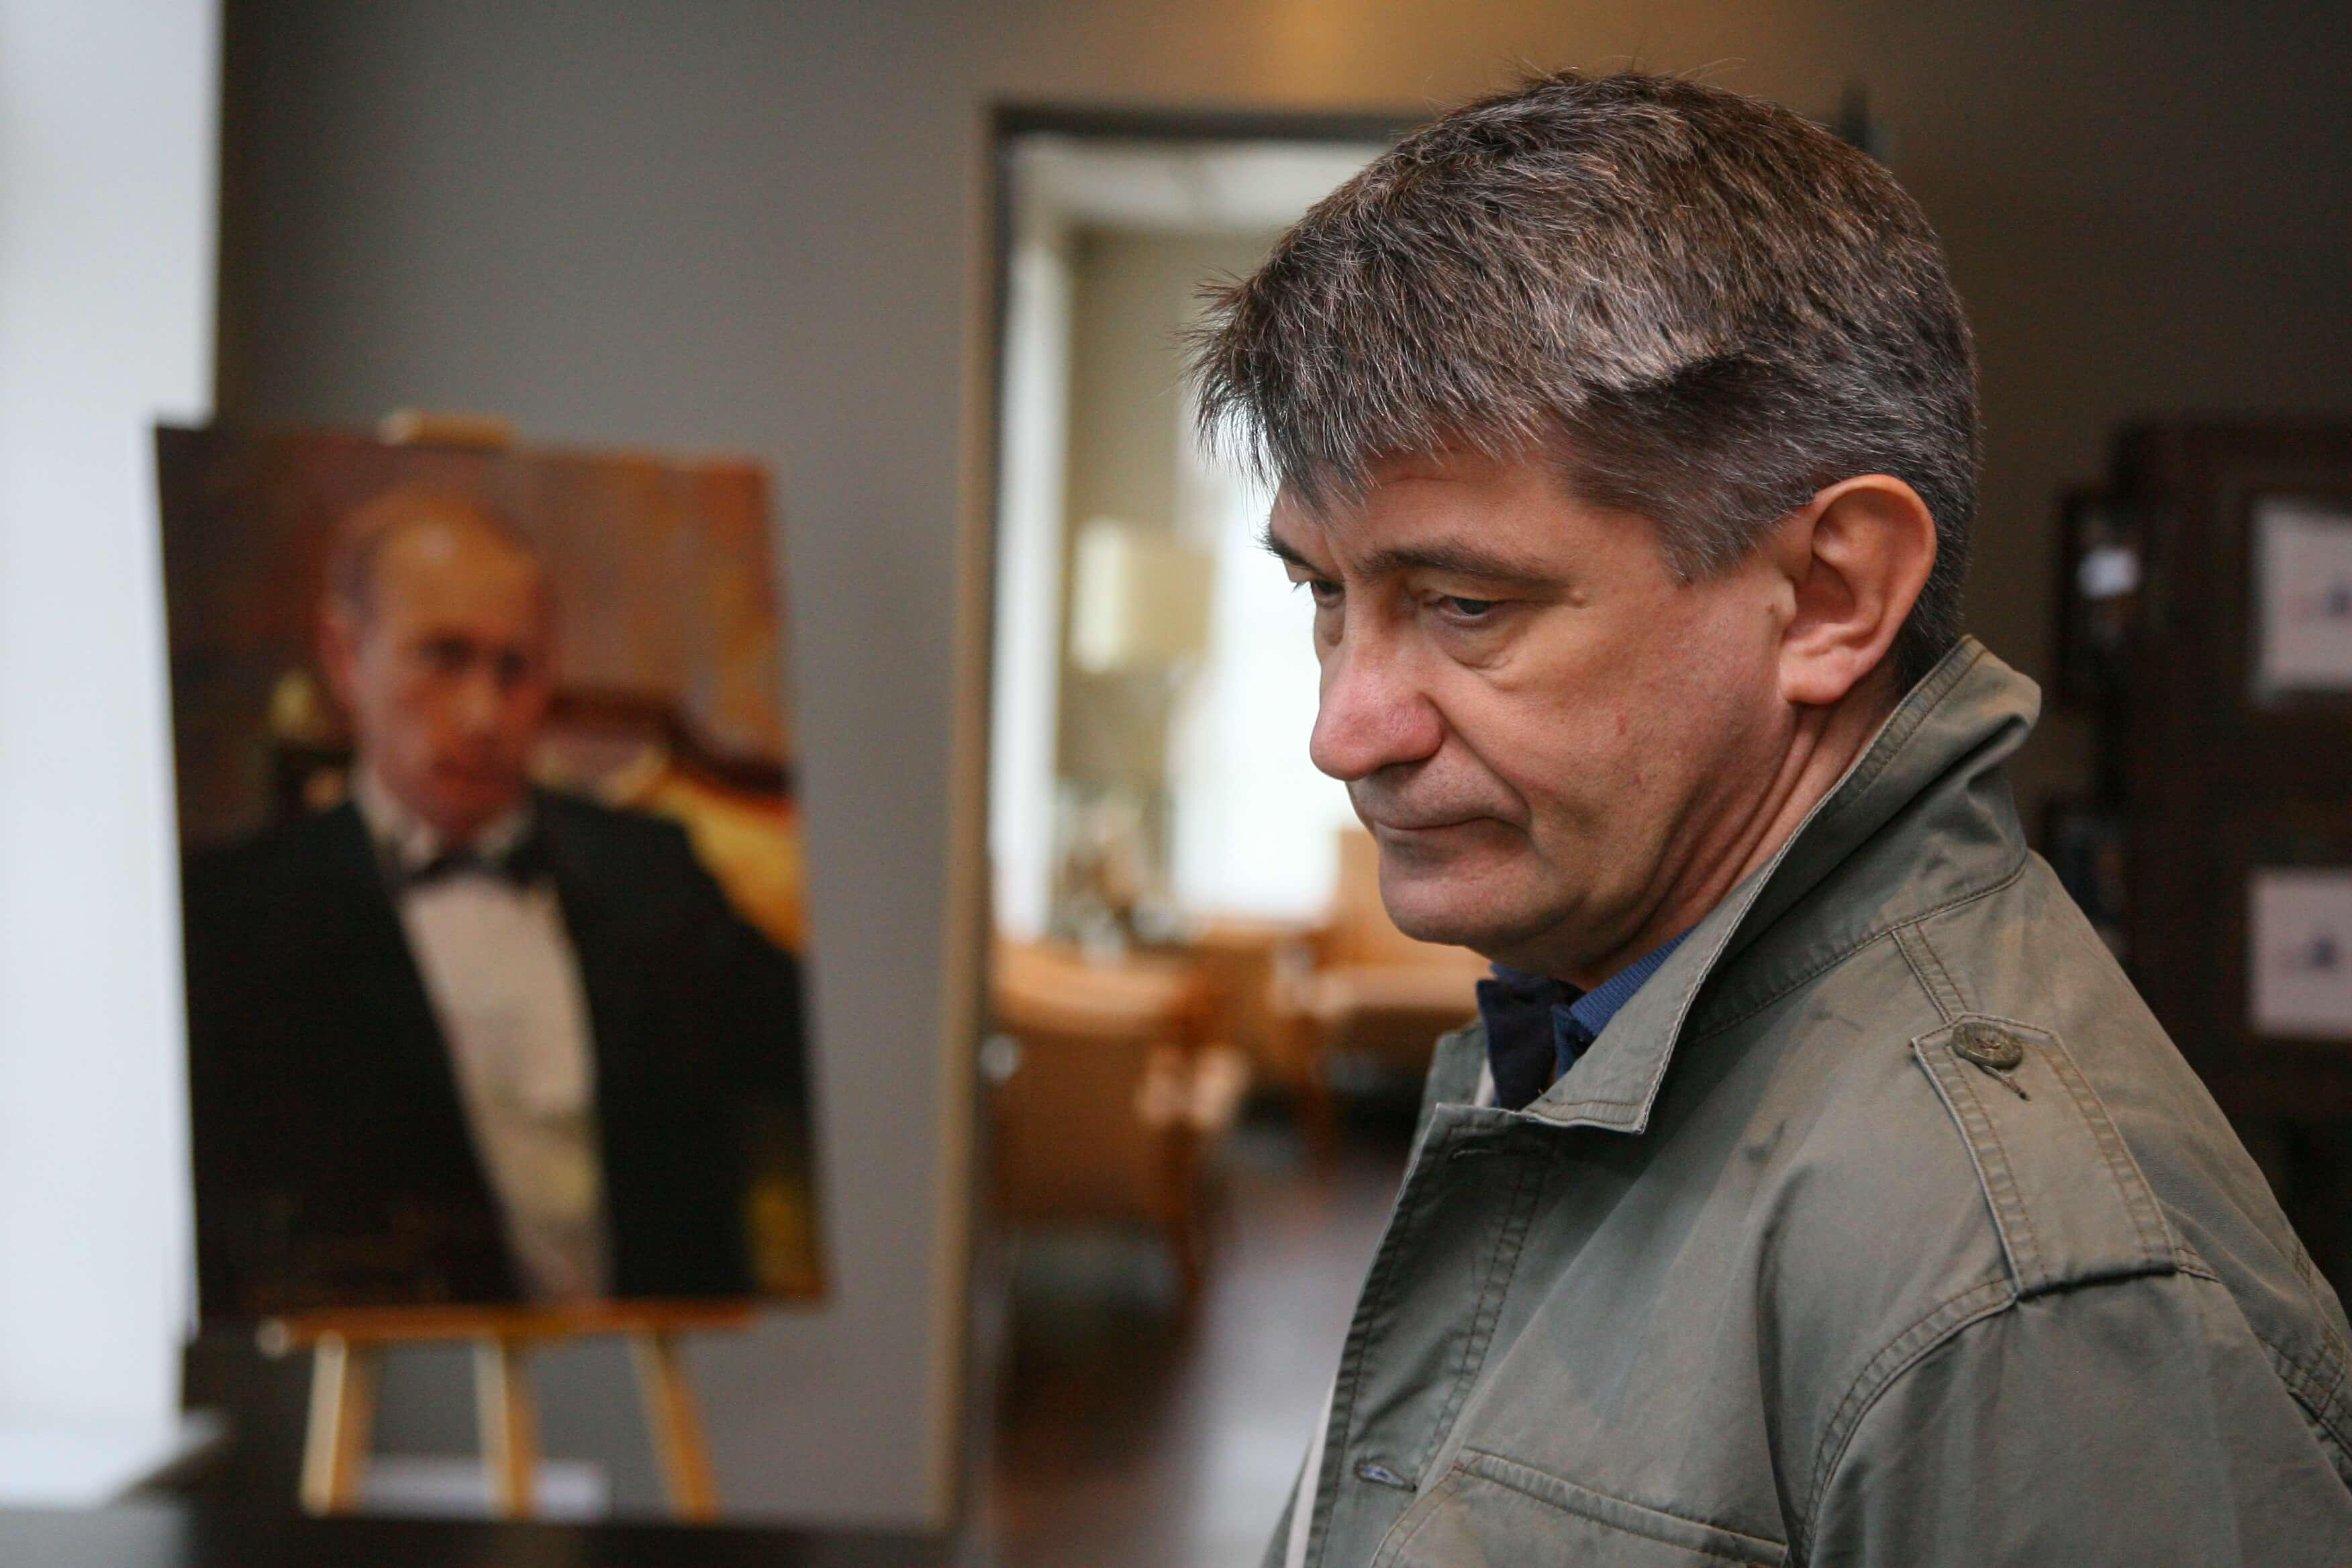 Andrey Chepakin/Russian Look